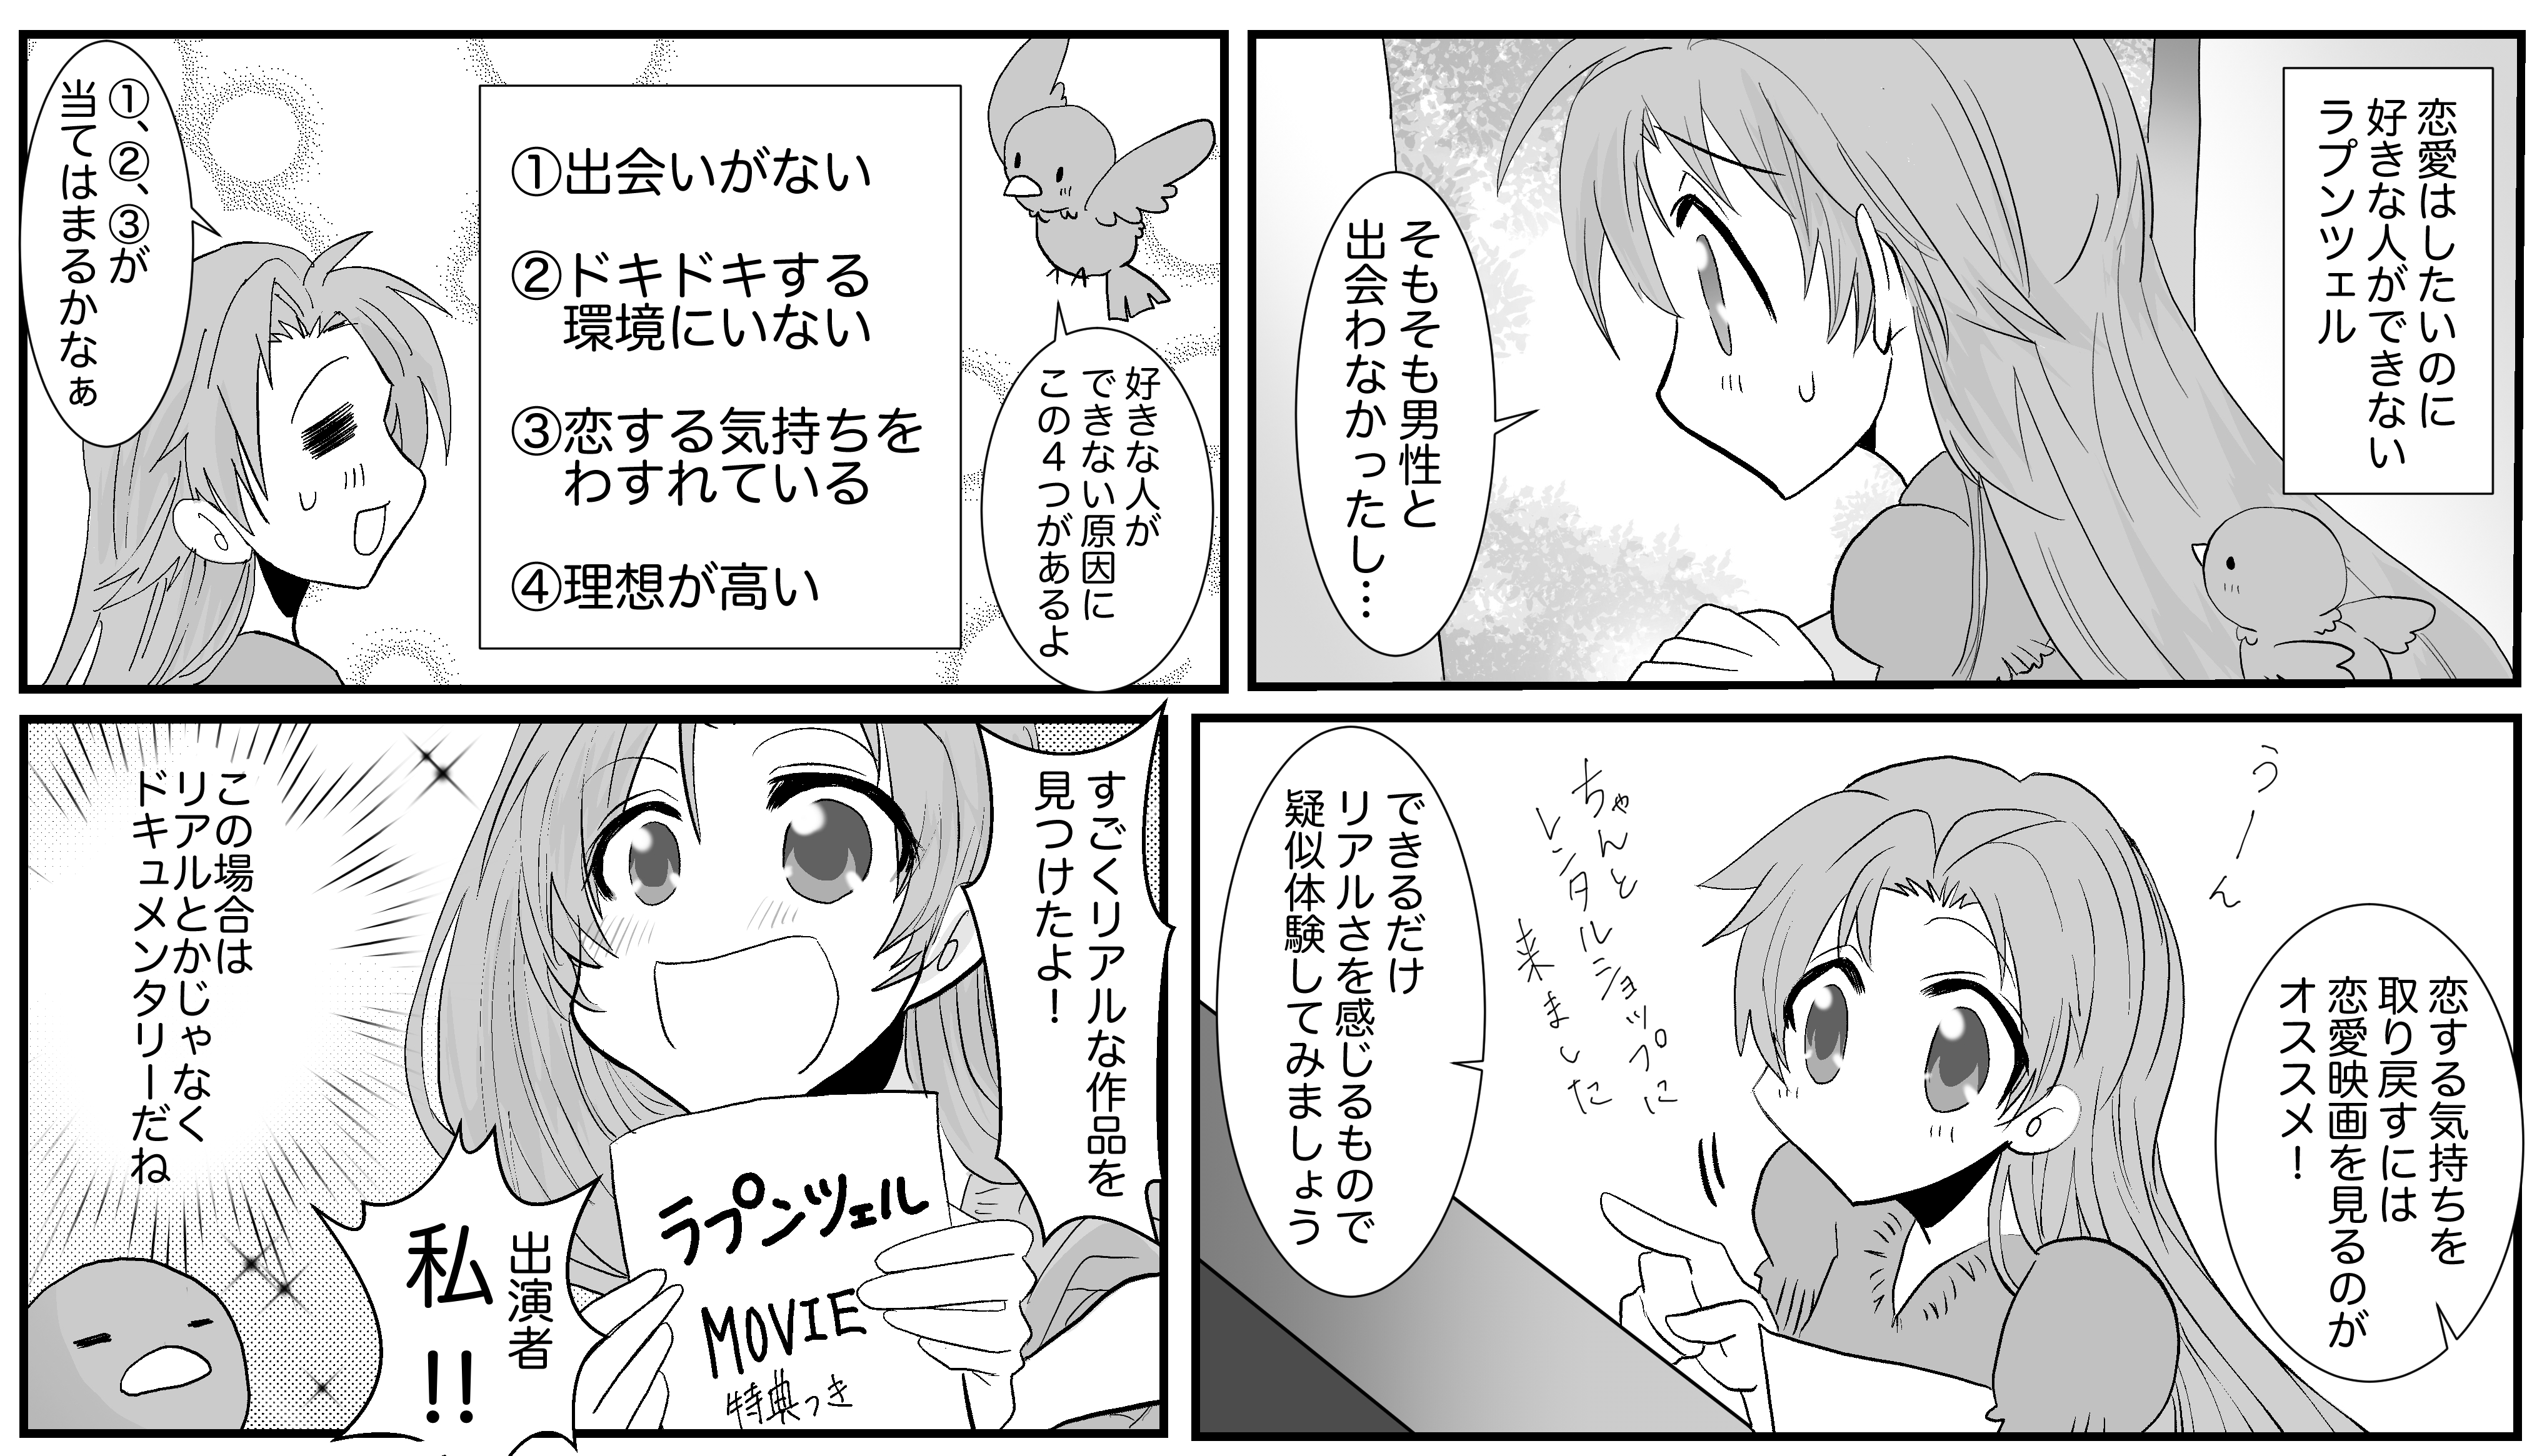 【婚活漫画】恋愛経験がないラプンツェル④